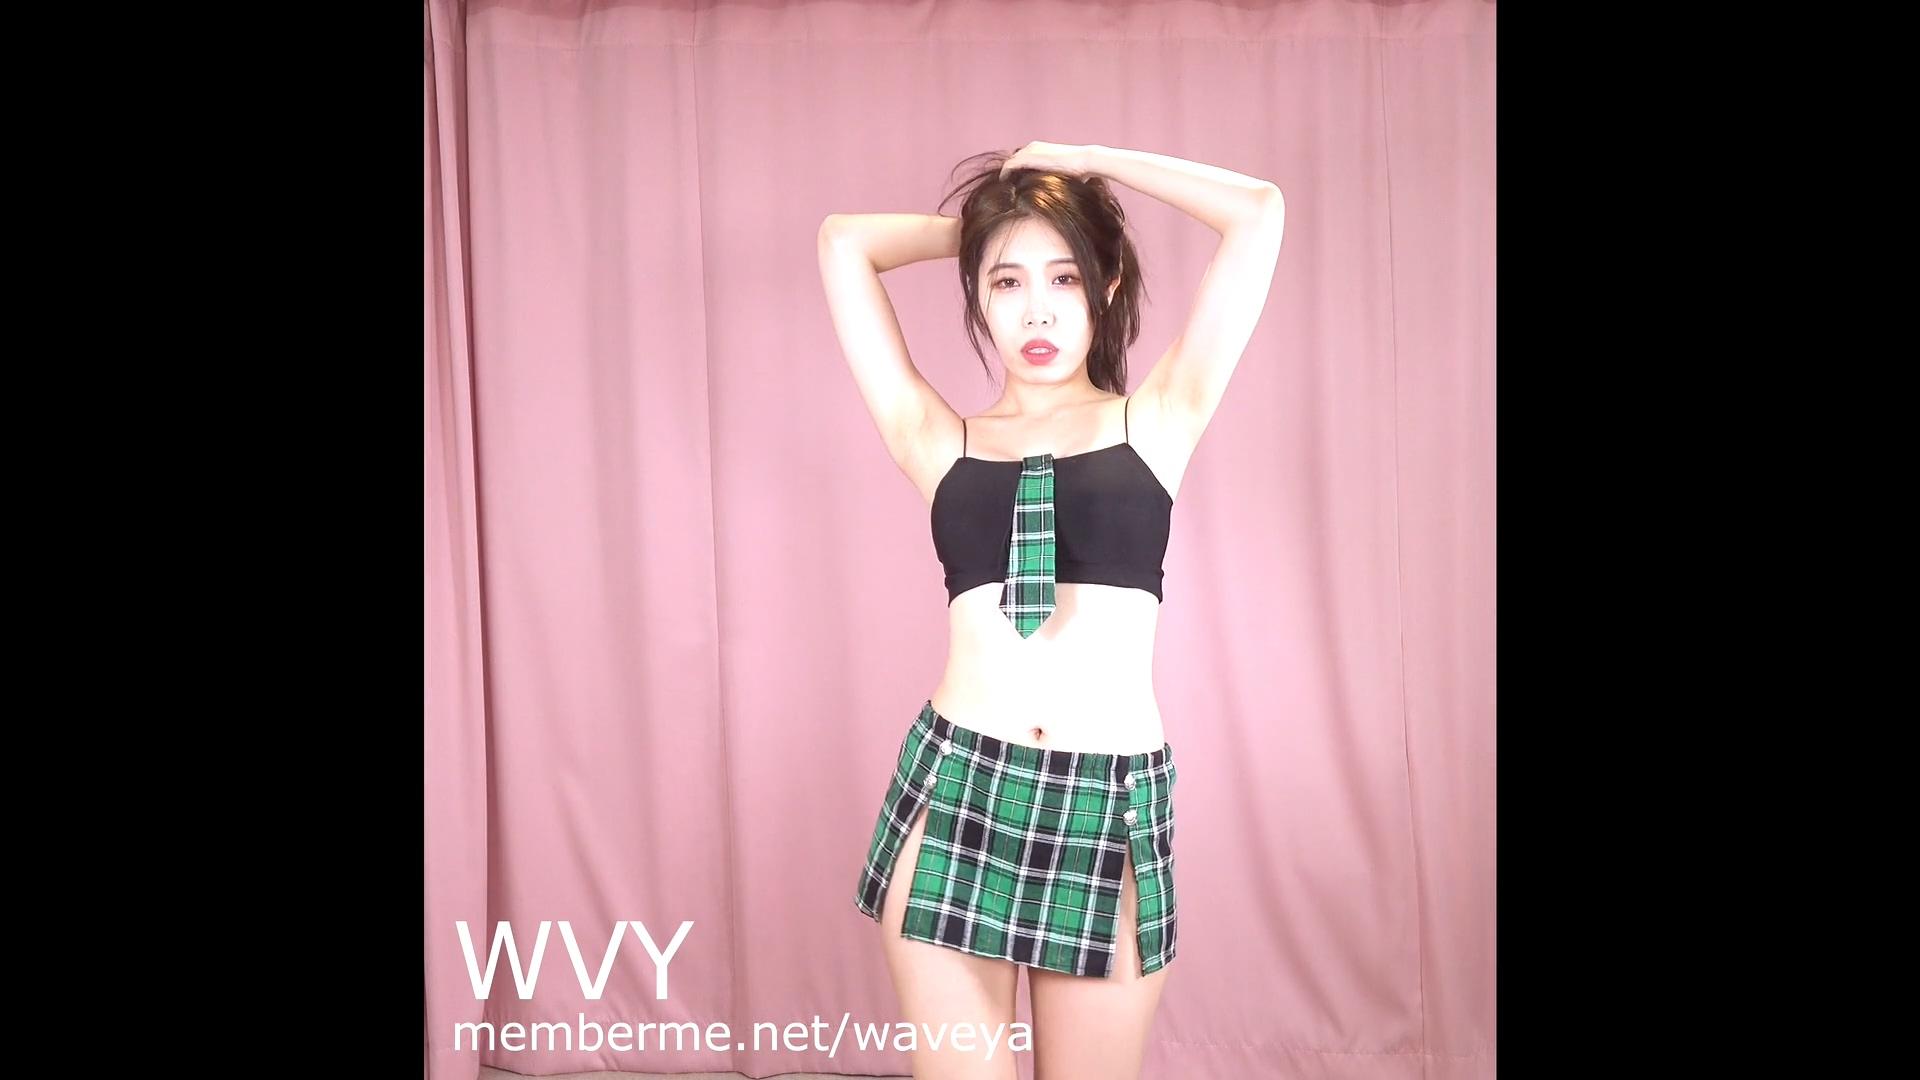 [Waveya会员]MiU Zerotwo Dance 🍰🍧 Memberme付费视频高清在线下载 Waveya会员 第1张